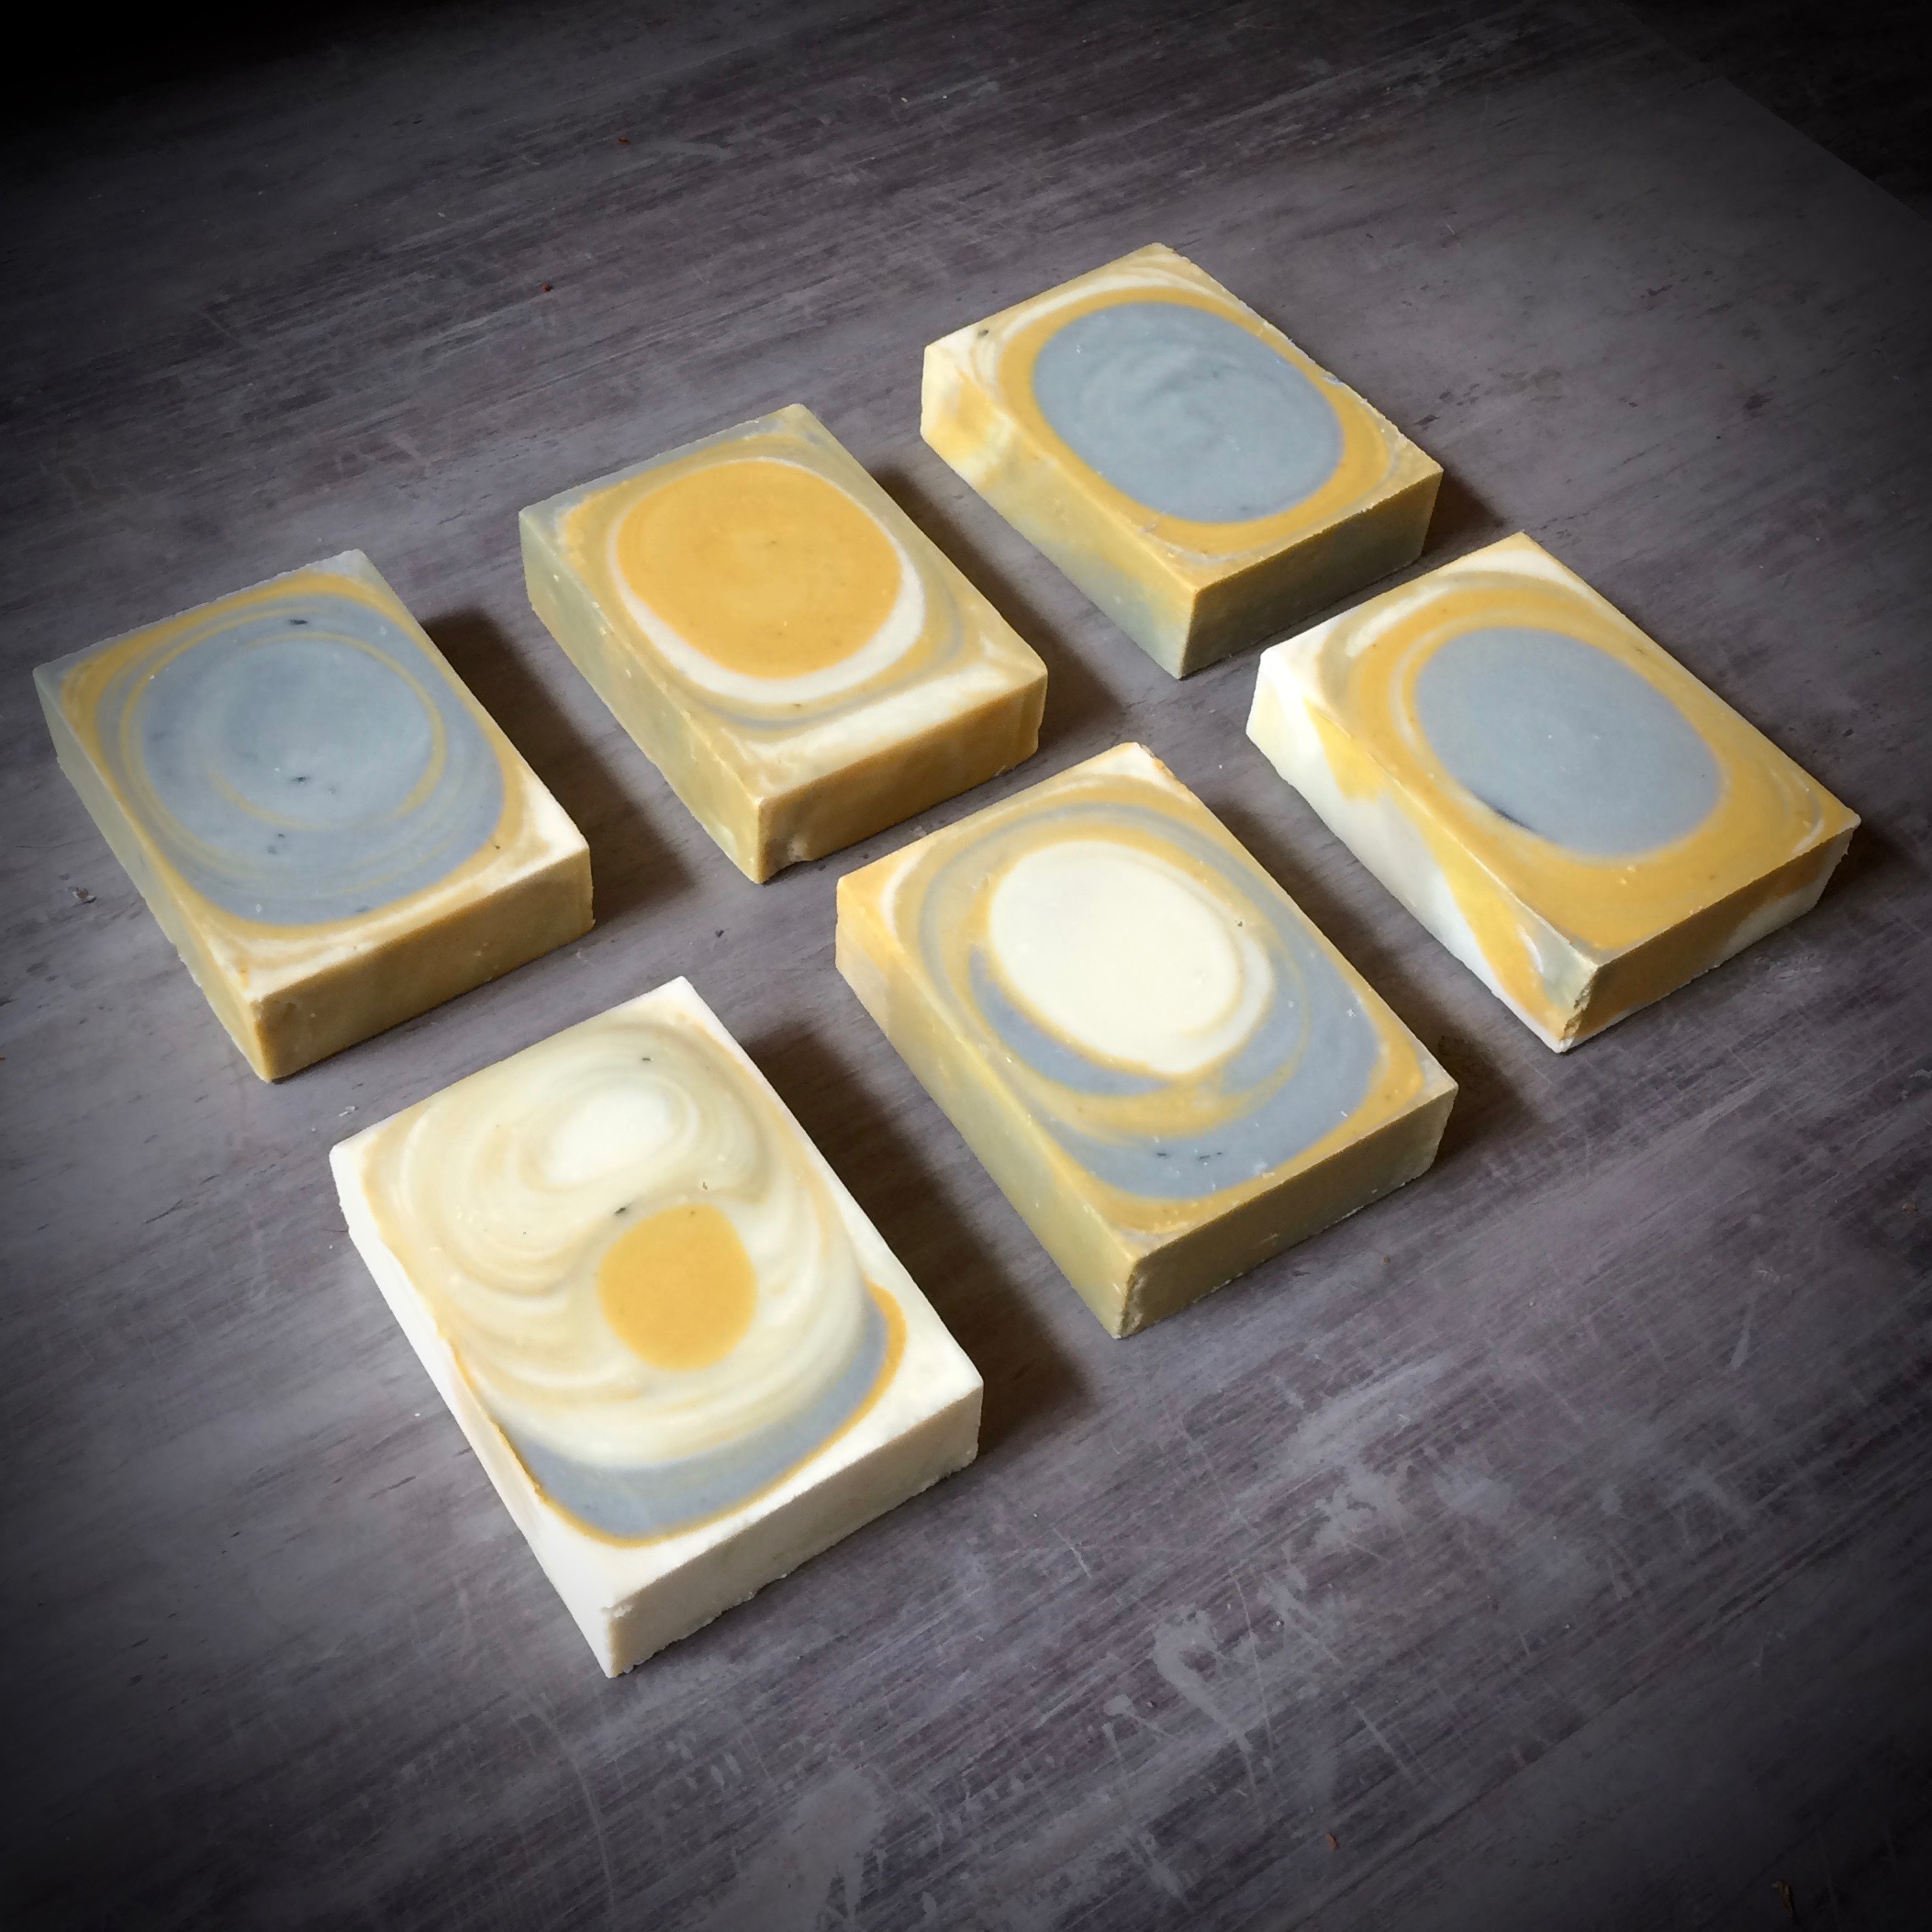 Sundance Soap